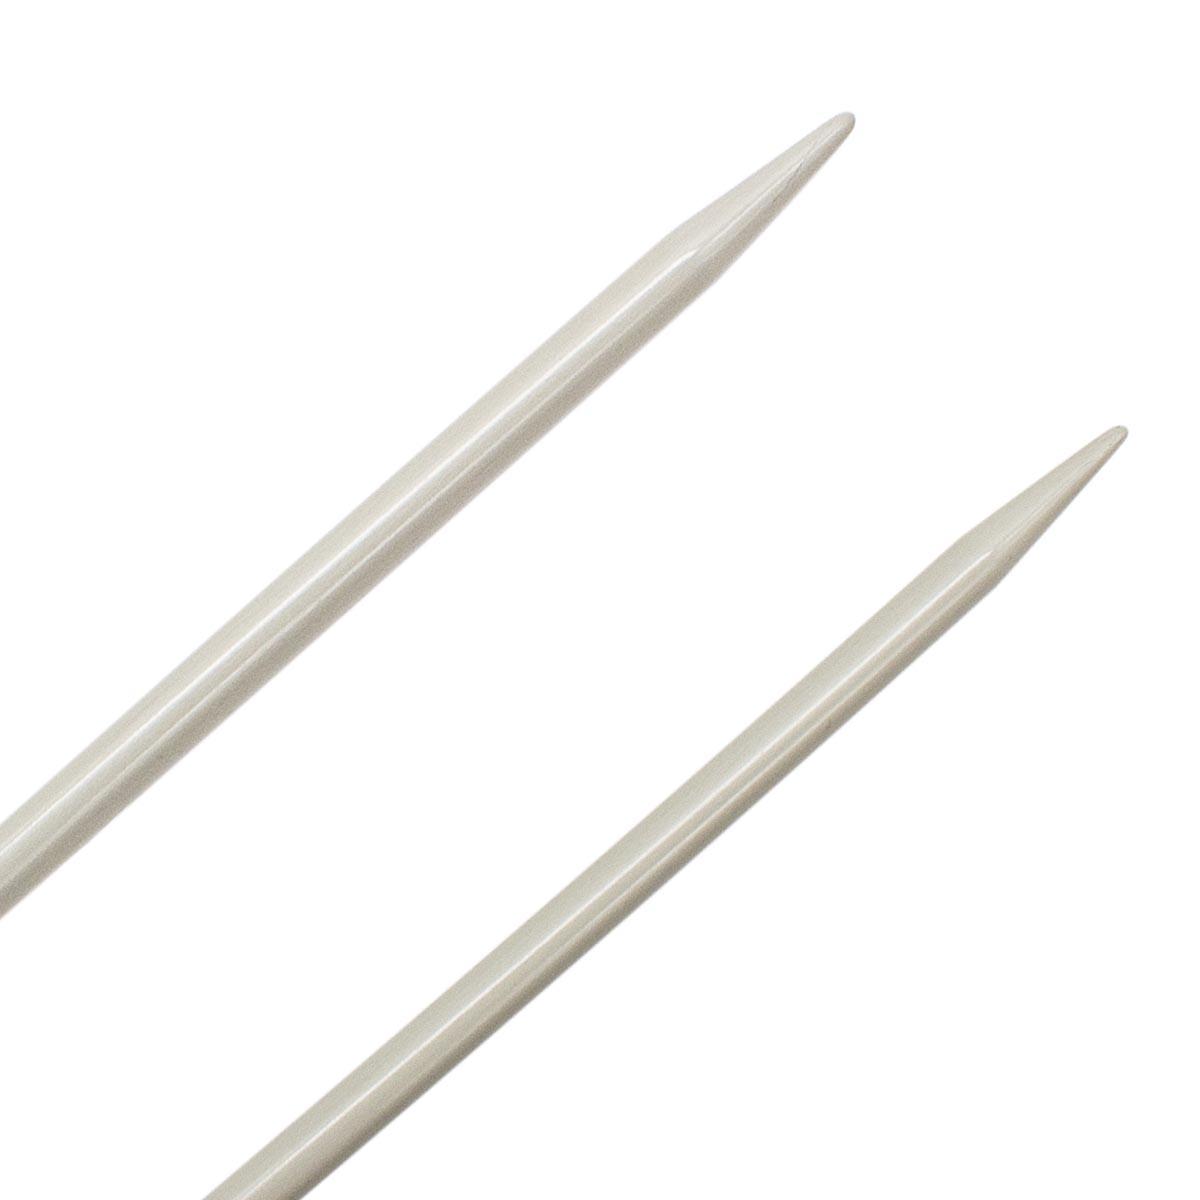 Спицы круговые алюминиевые с покрытием 940140/940104, 80 см, 4,0 мм, Hobby&Pro